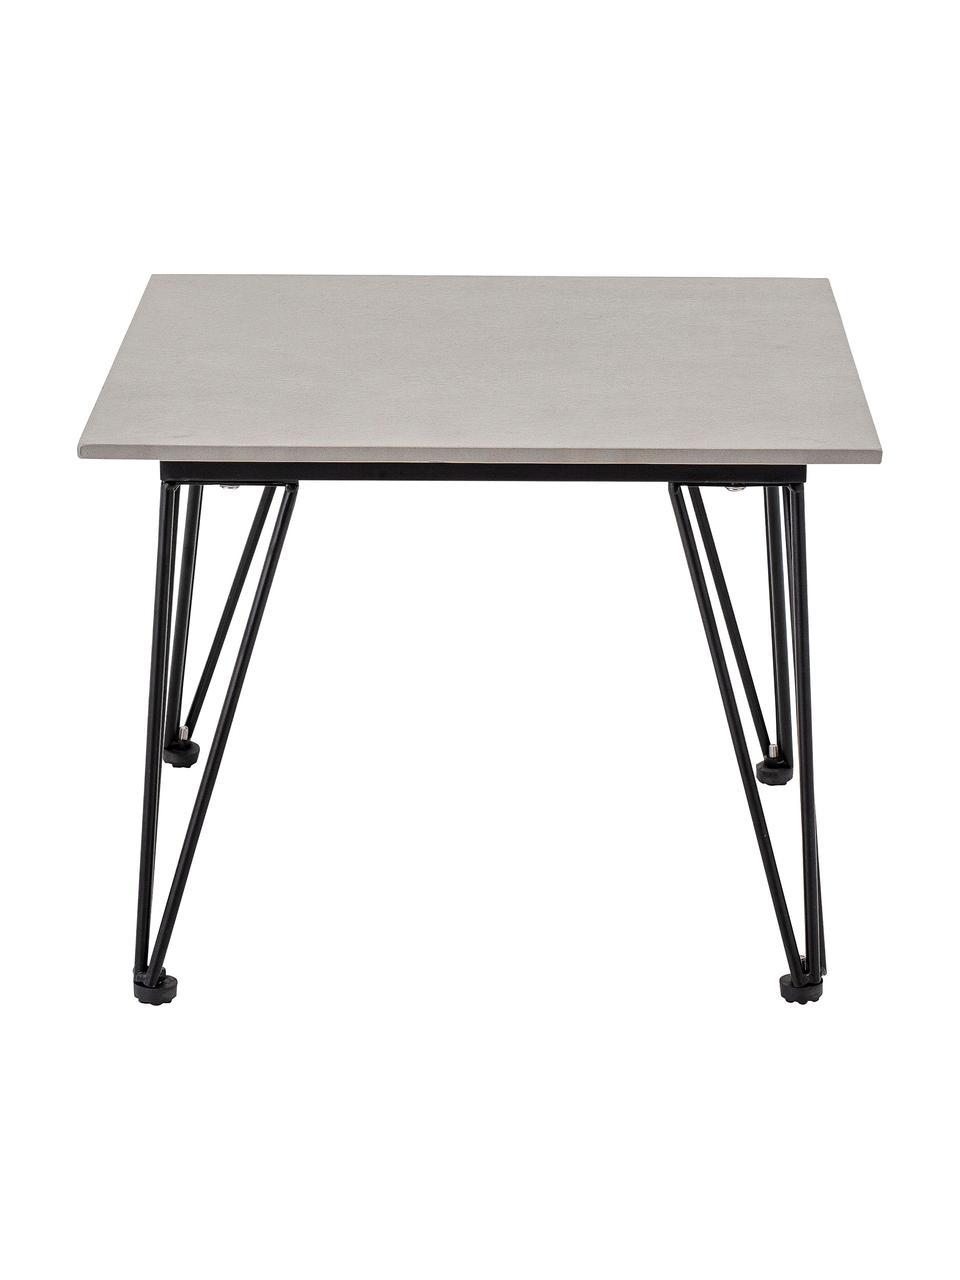 Tuintafel Mundo van beton, Tafelblad: beton, Poten: gecoat metaal, Wit, zwart, 55 x 42 cm